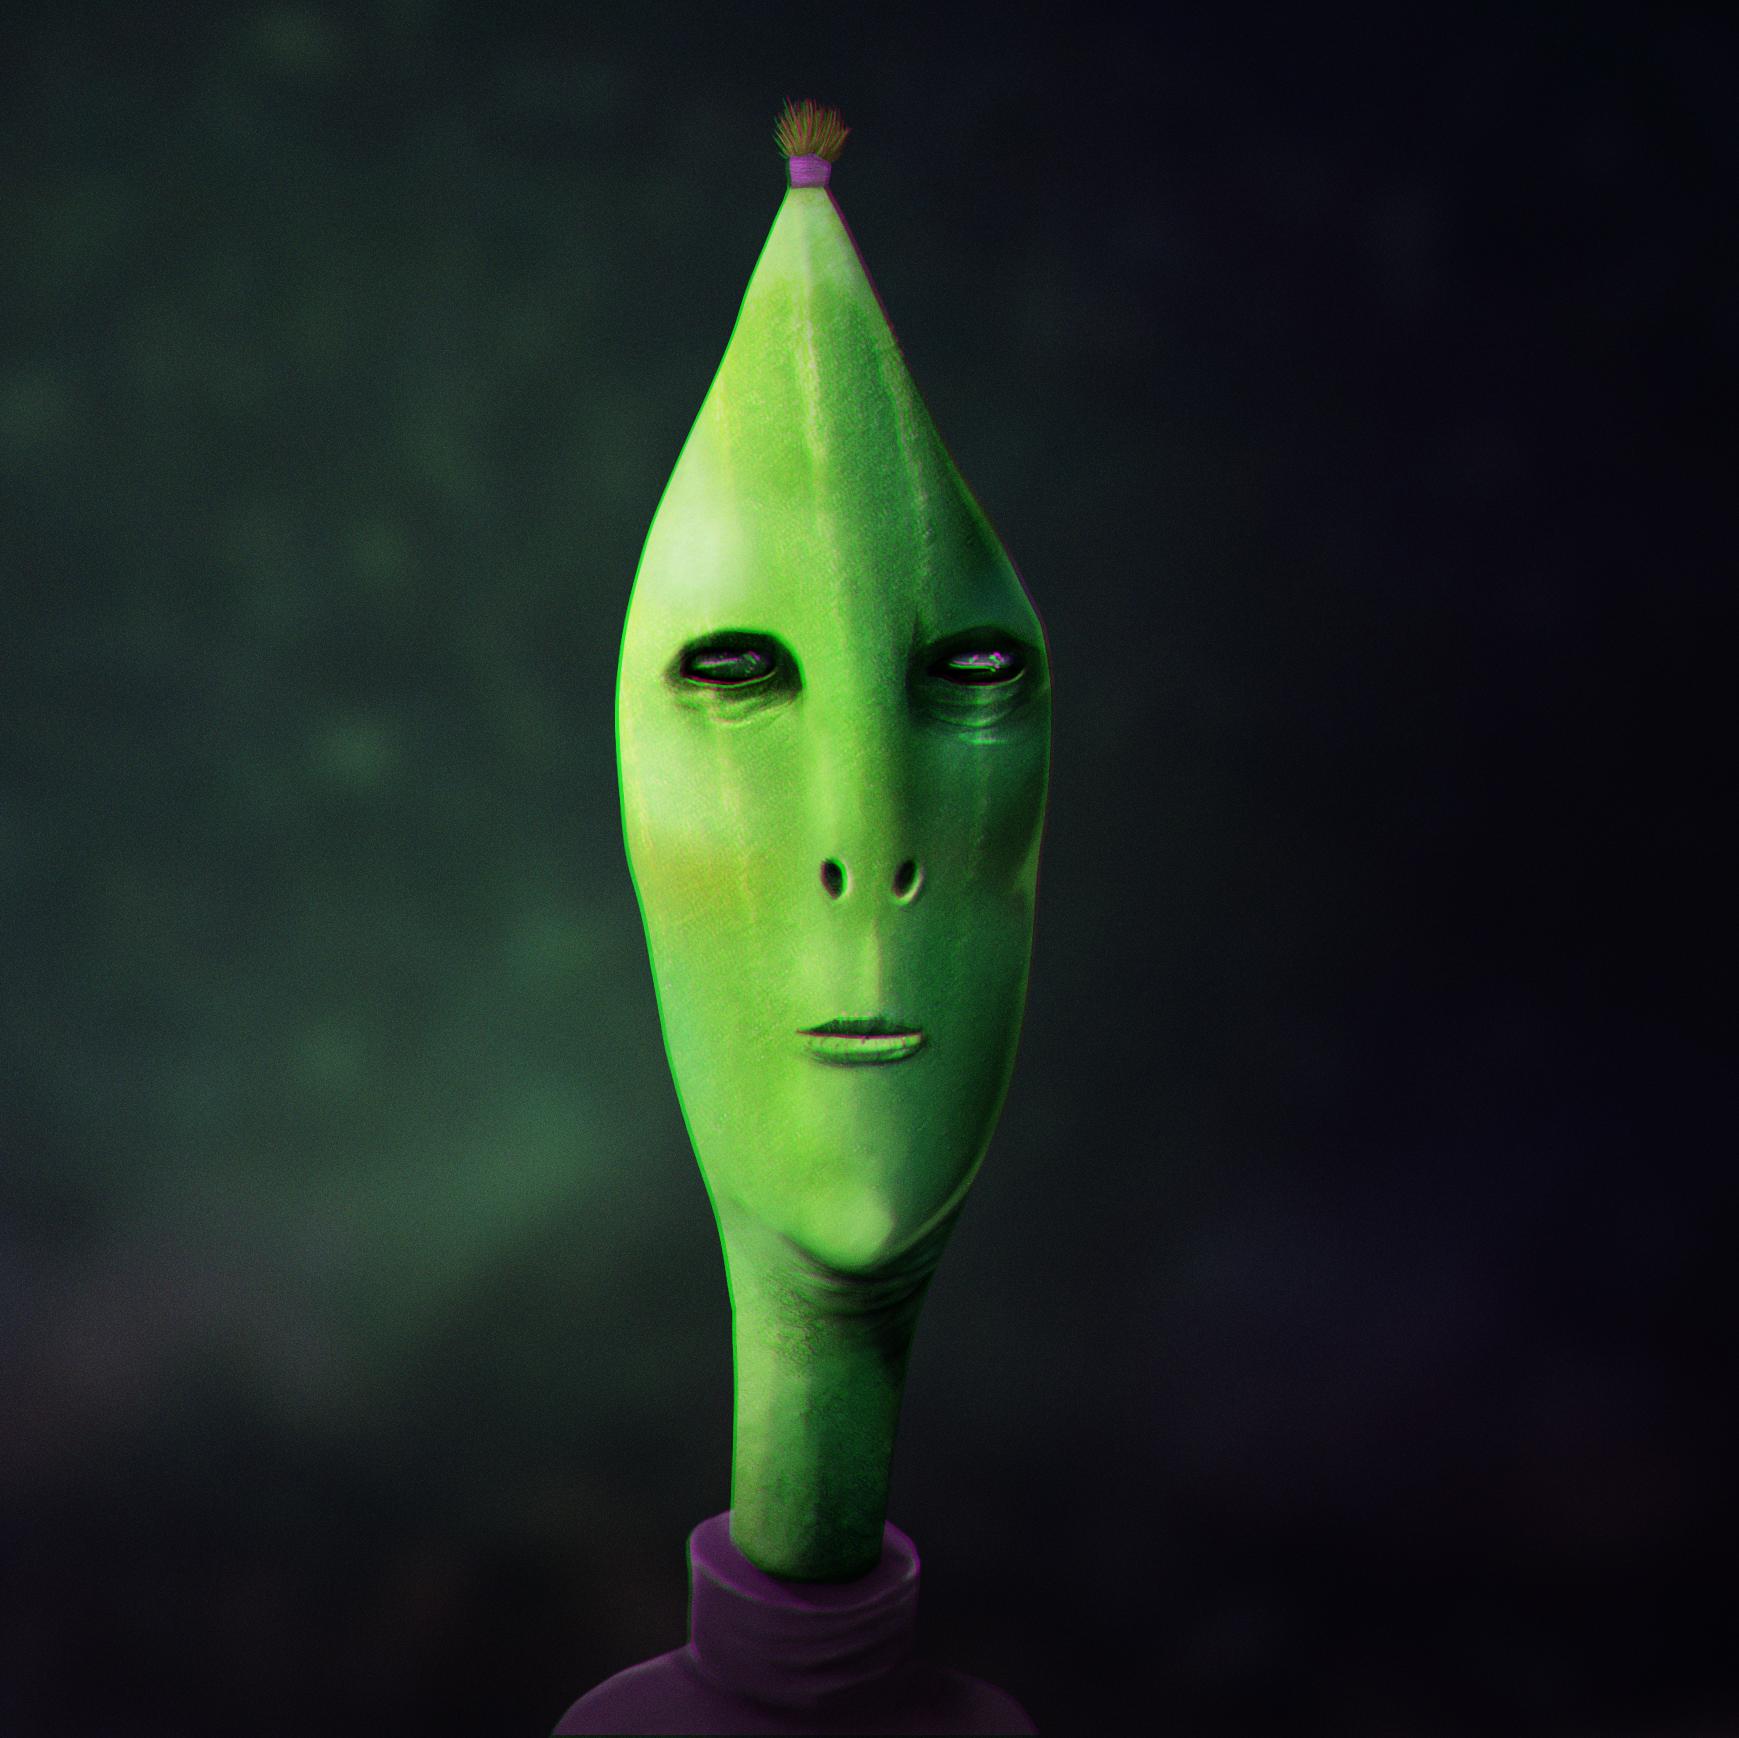 Alien_JAckson